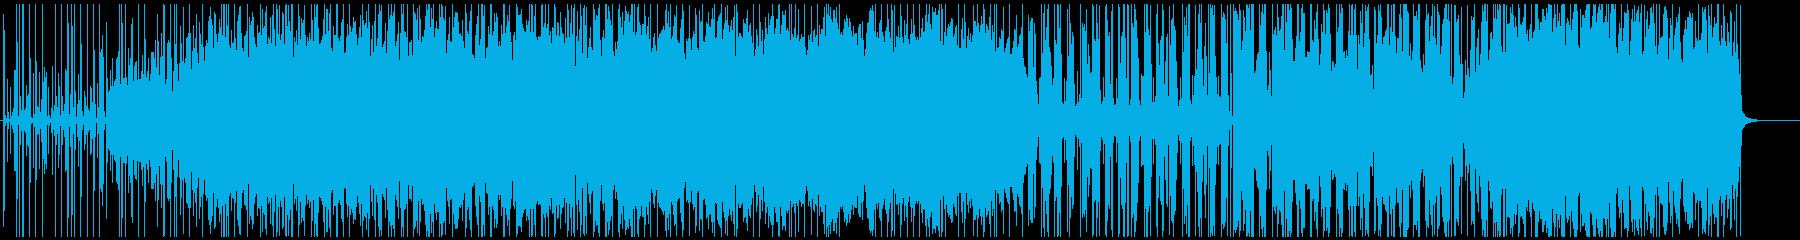 朝焼け・夕焼けの似合うLo-Fi Hipの再生済みの波形